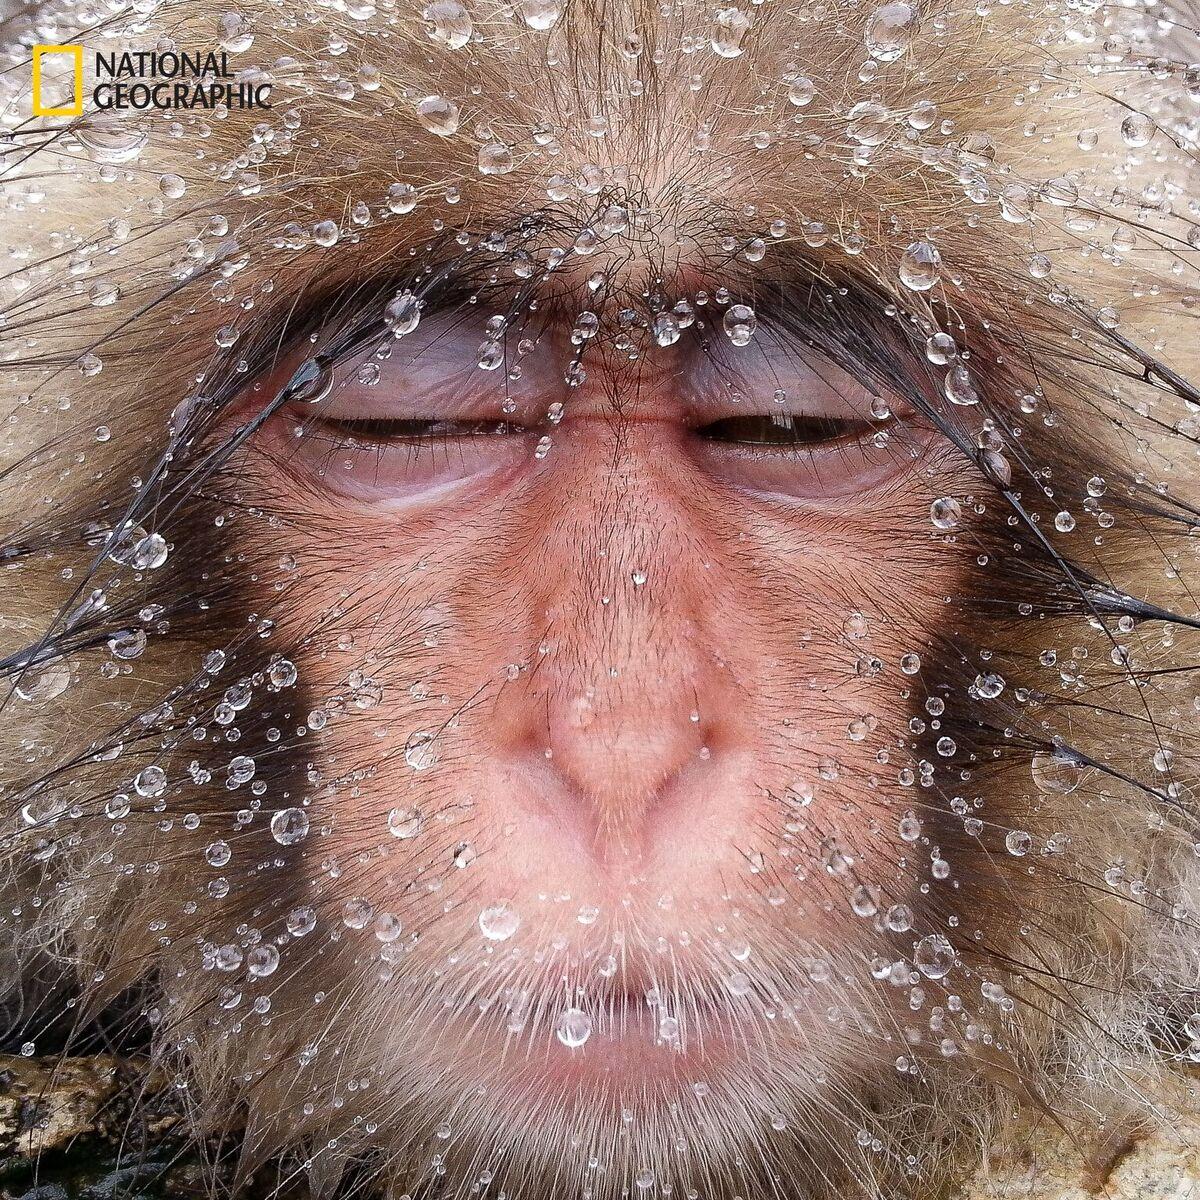 #Wikileaks et E. #Snowden crie victoire pour #chelseamanning . Un singe en hiver... Ca change grâce à #POTUS . @RaineyReitman @HBibard<br>http://pic.twitter.com/uHNjqjjC6w